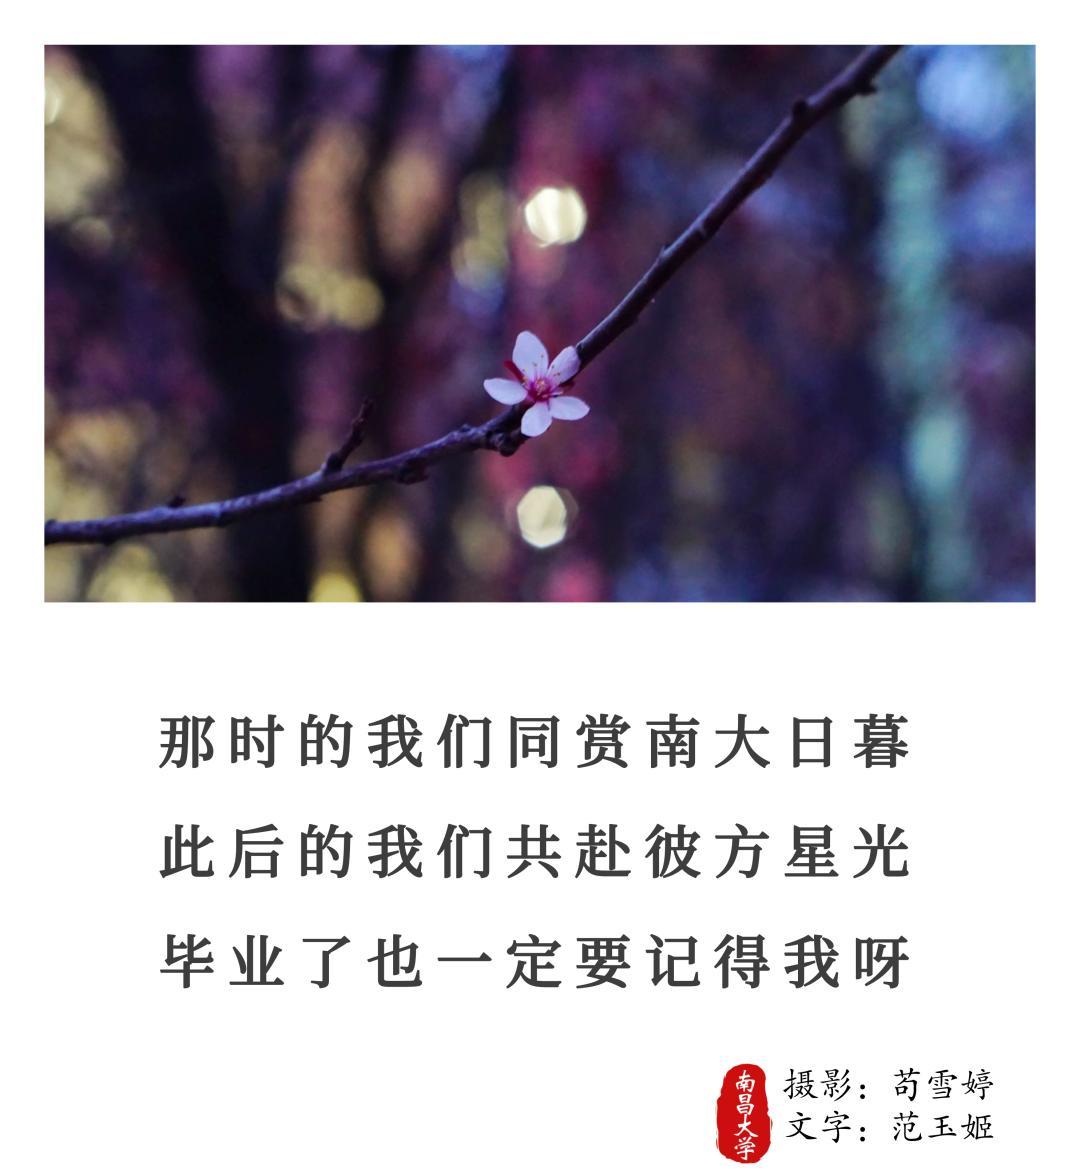 【毕业季】落情于笔,三行有你,爱你如诗